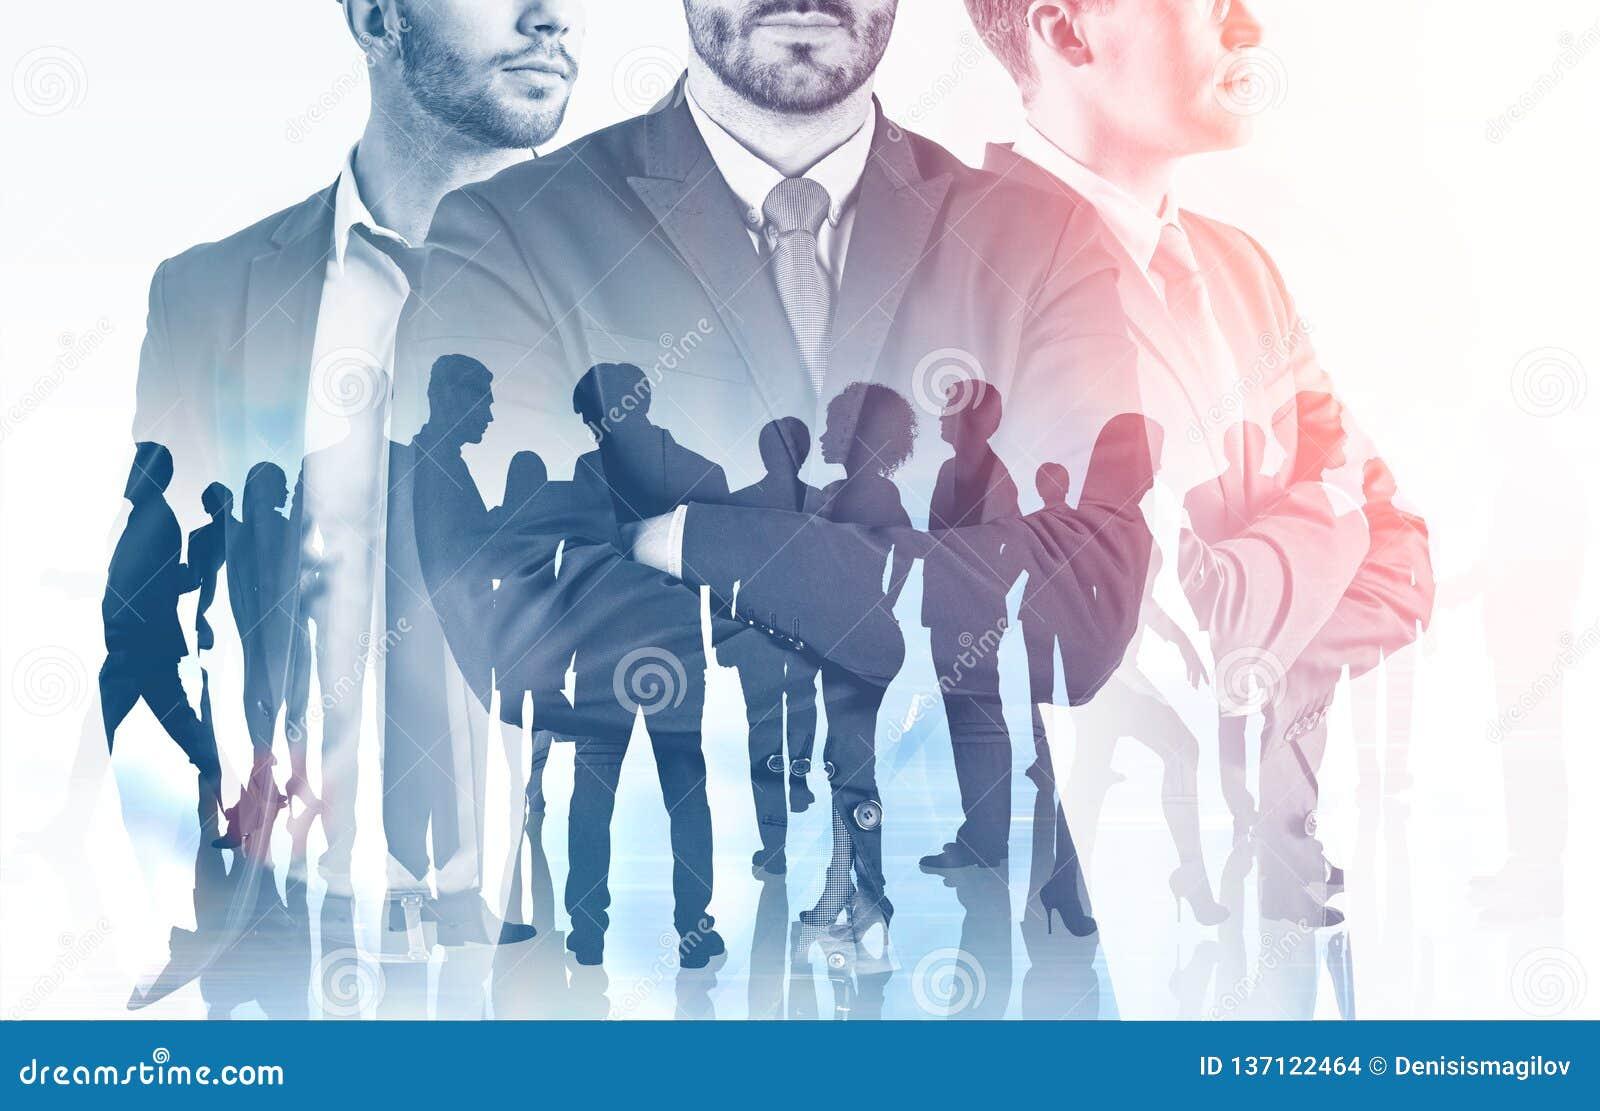 Manager und ihre Kollegen, Führung